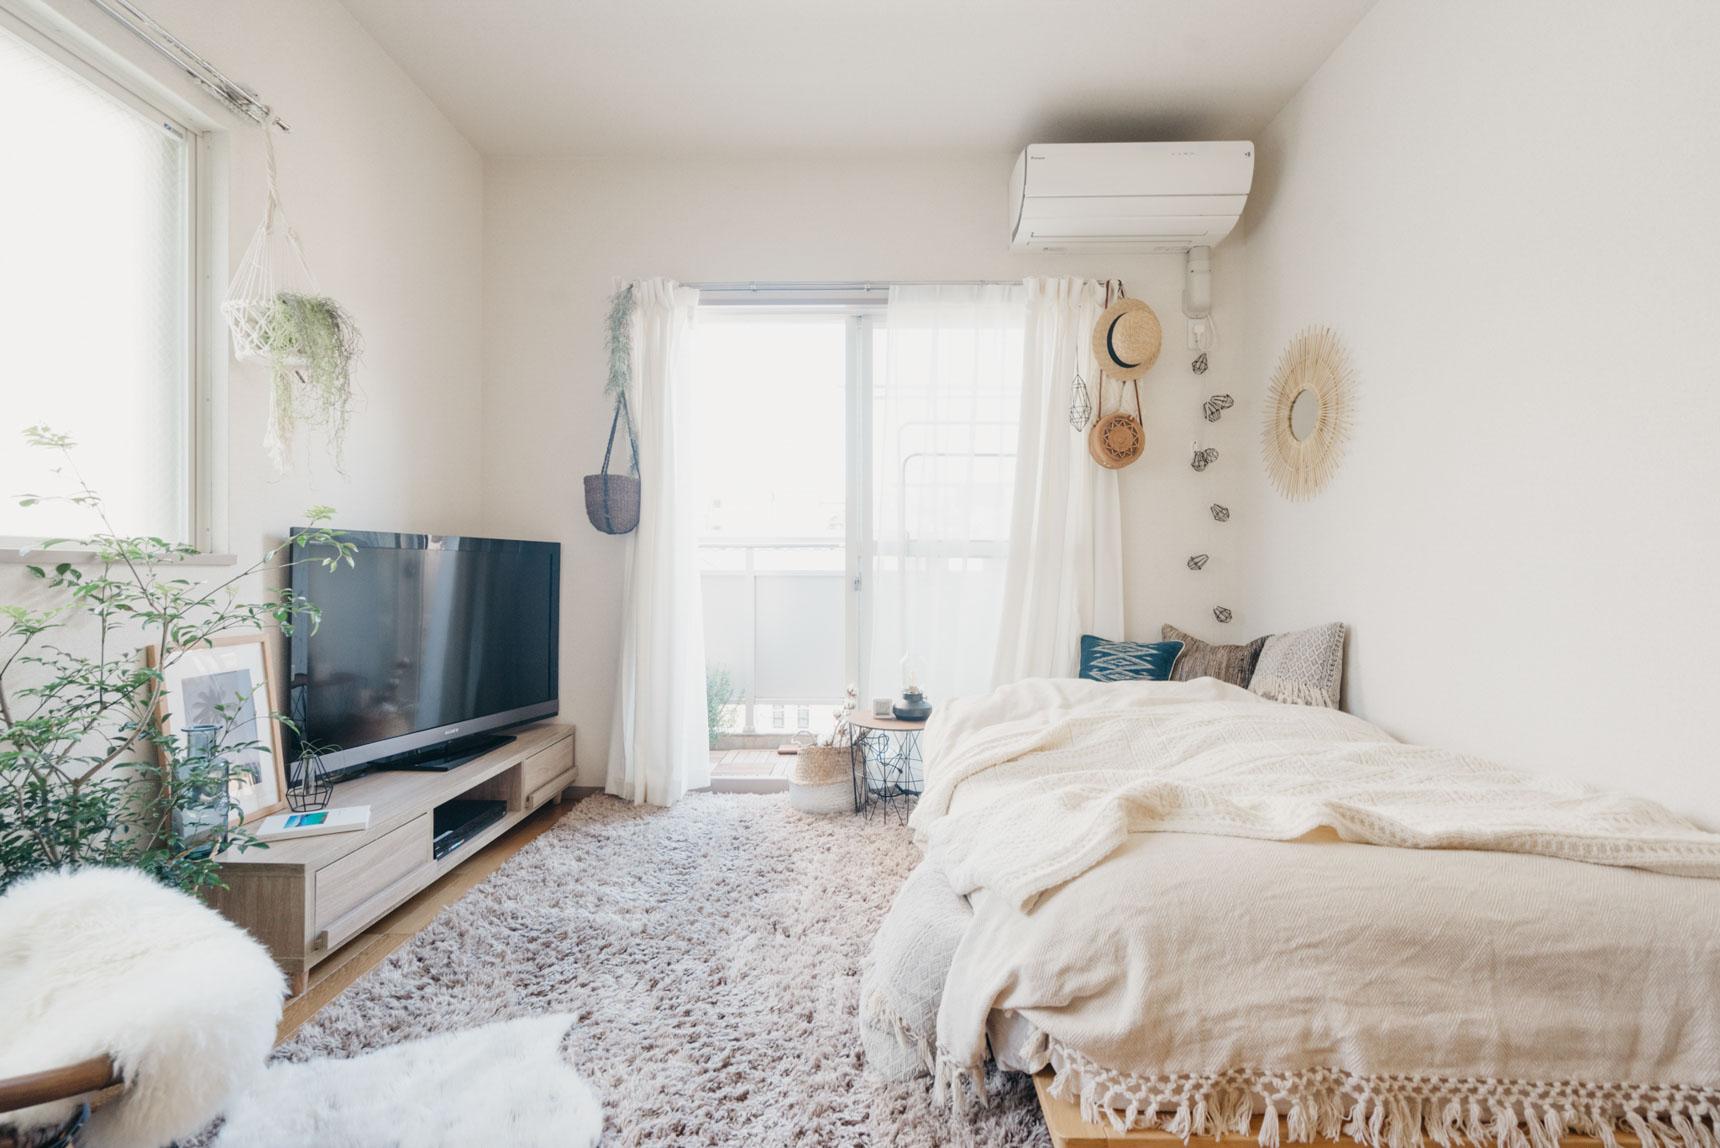 こちらはソファを置かない分、広さが確保できるということもあり、ベッドをセミダブルのもにしたそう。確かに、何が自分の生活に必要かを考えて取捨選択するということが大切なのだと気づかされます。